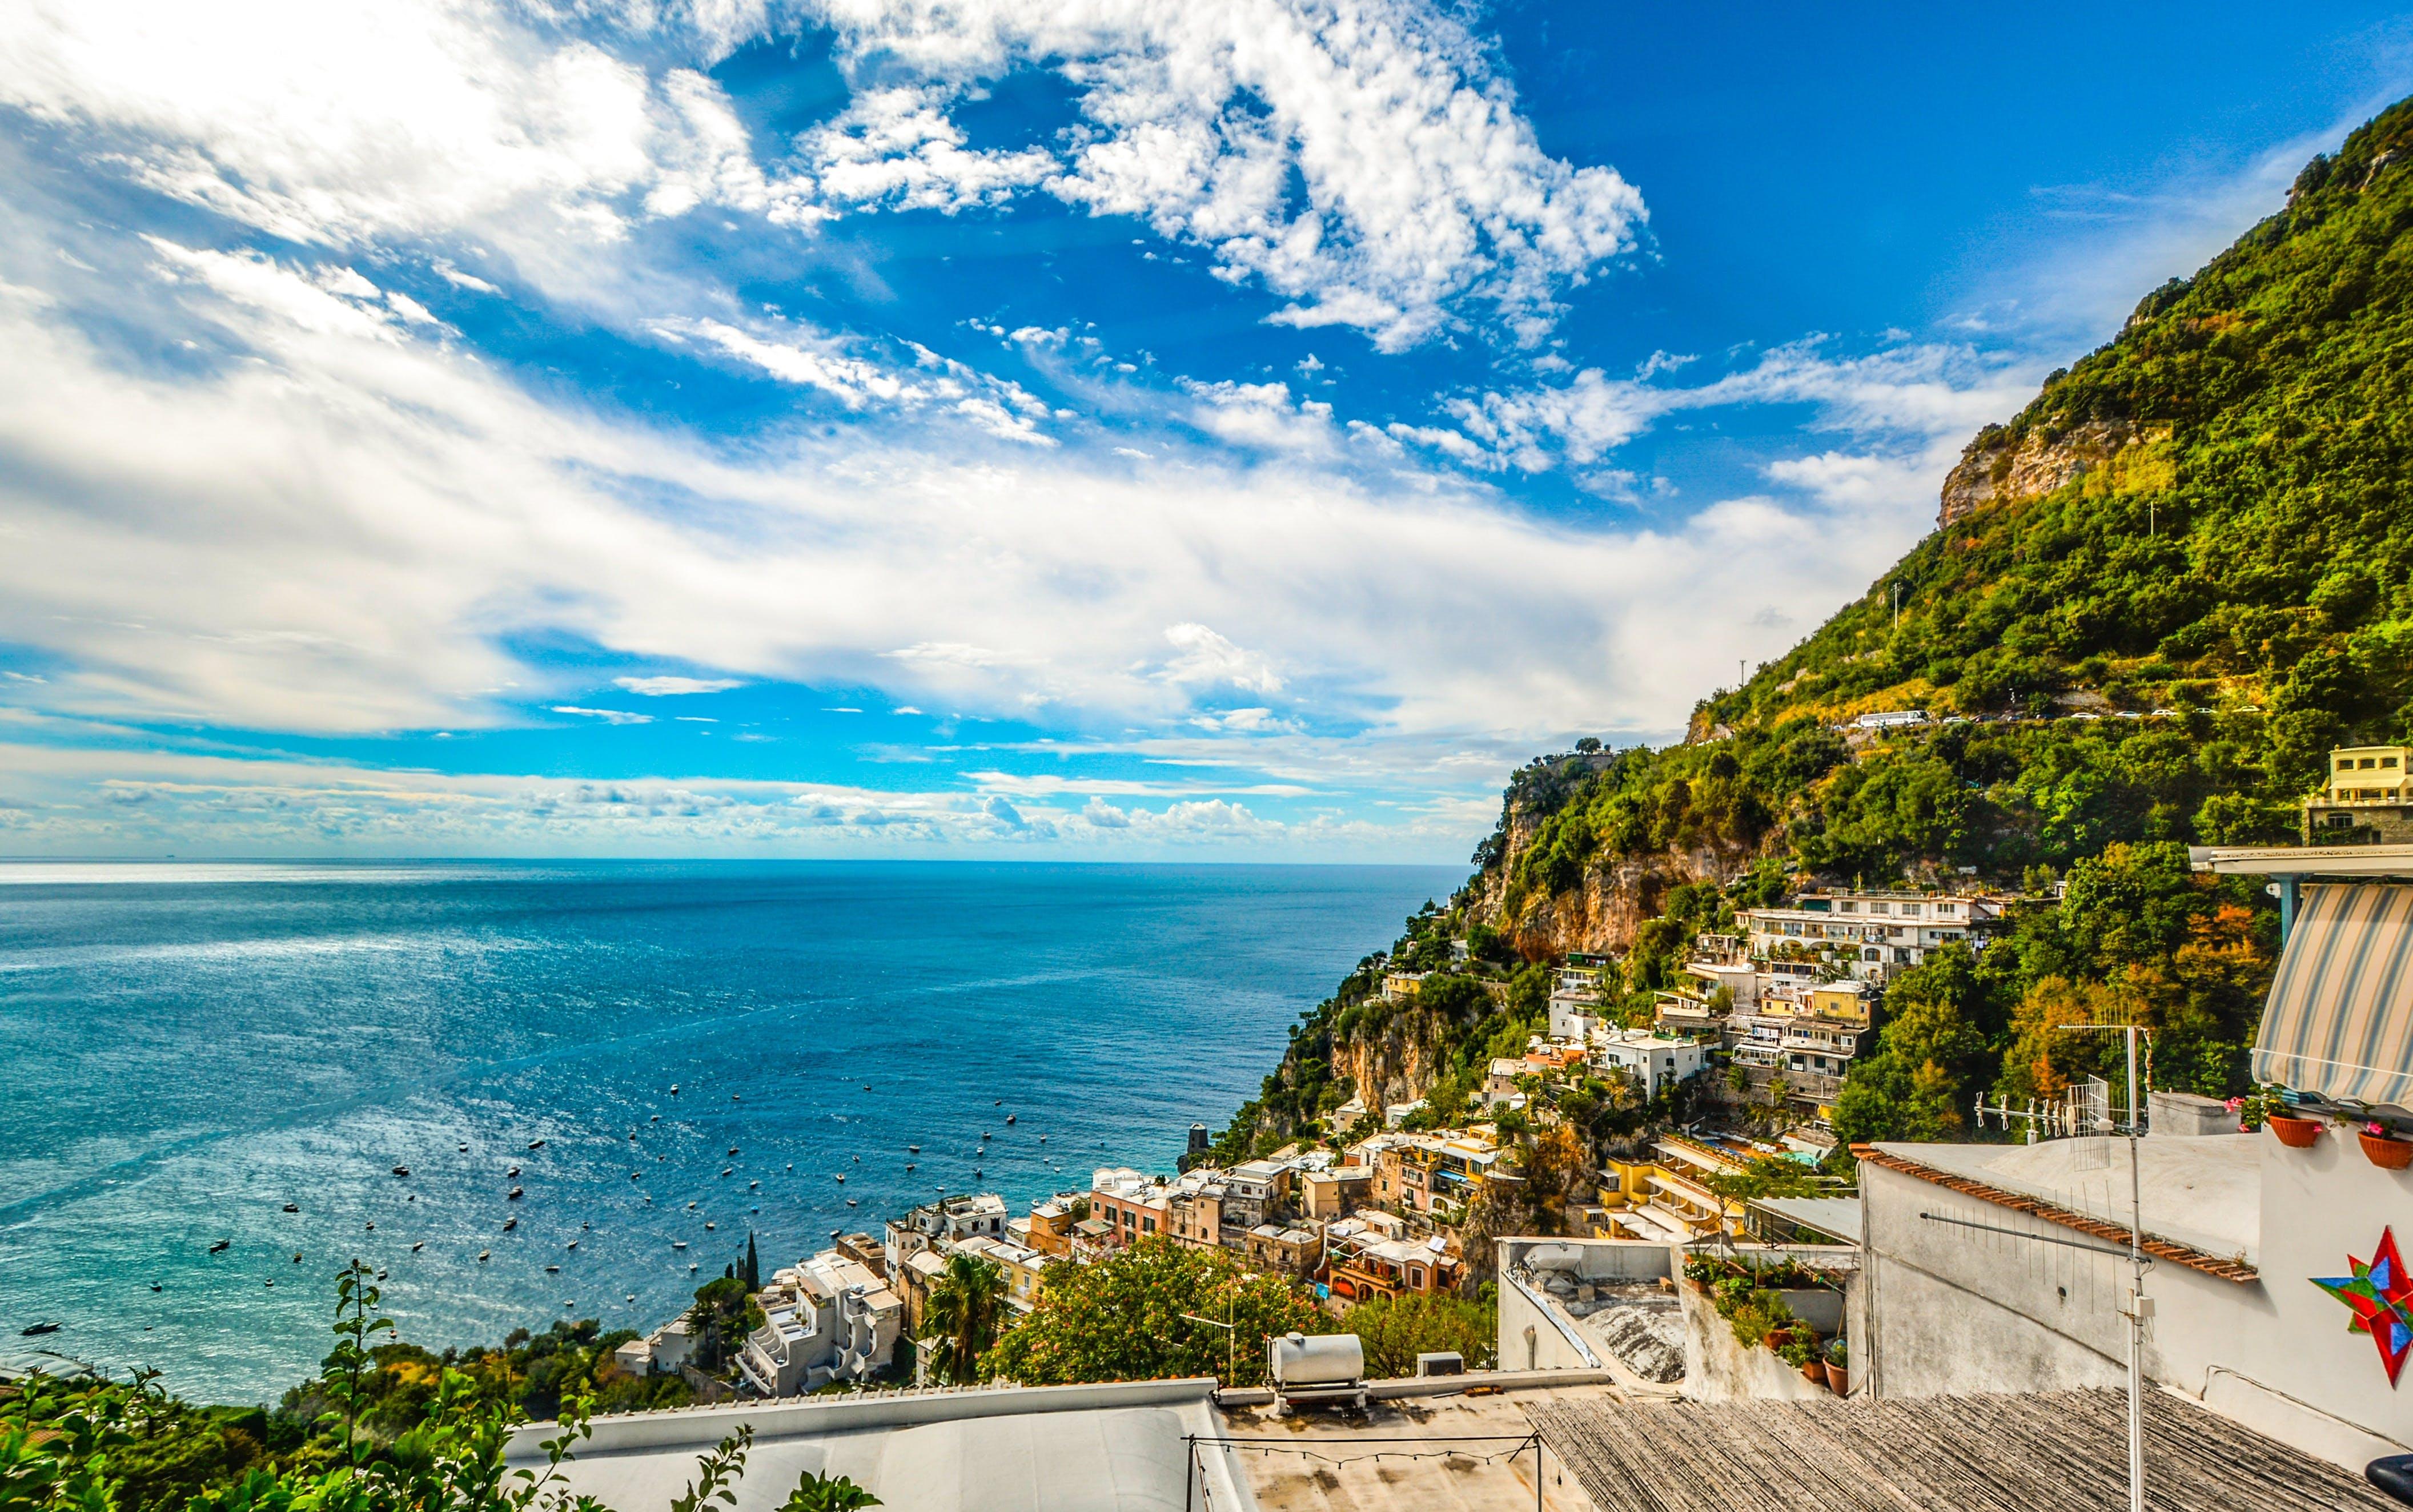 Gratis stockfoto met amalfi, amalfi coast, architectuur, baai